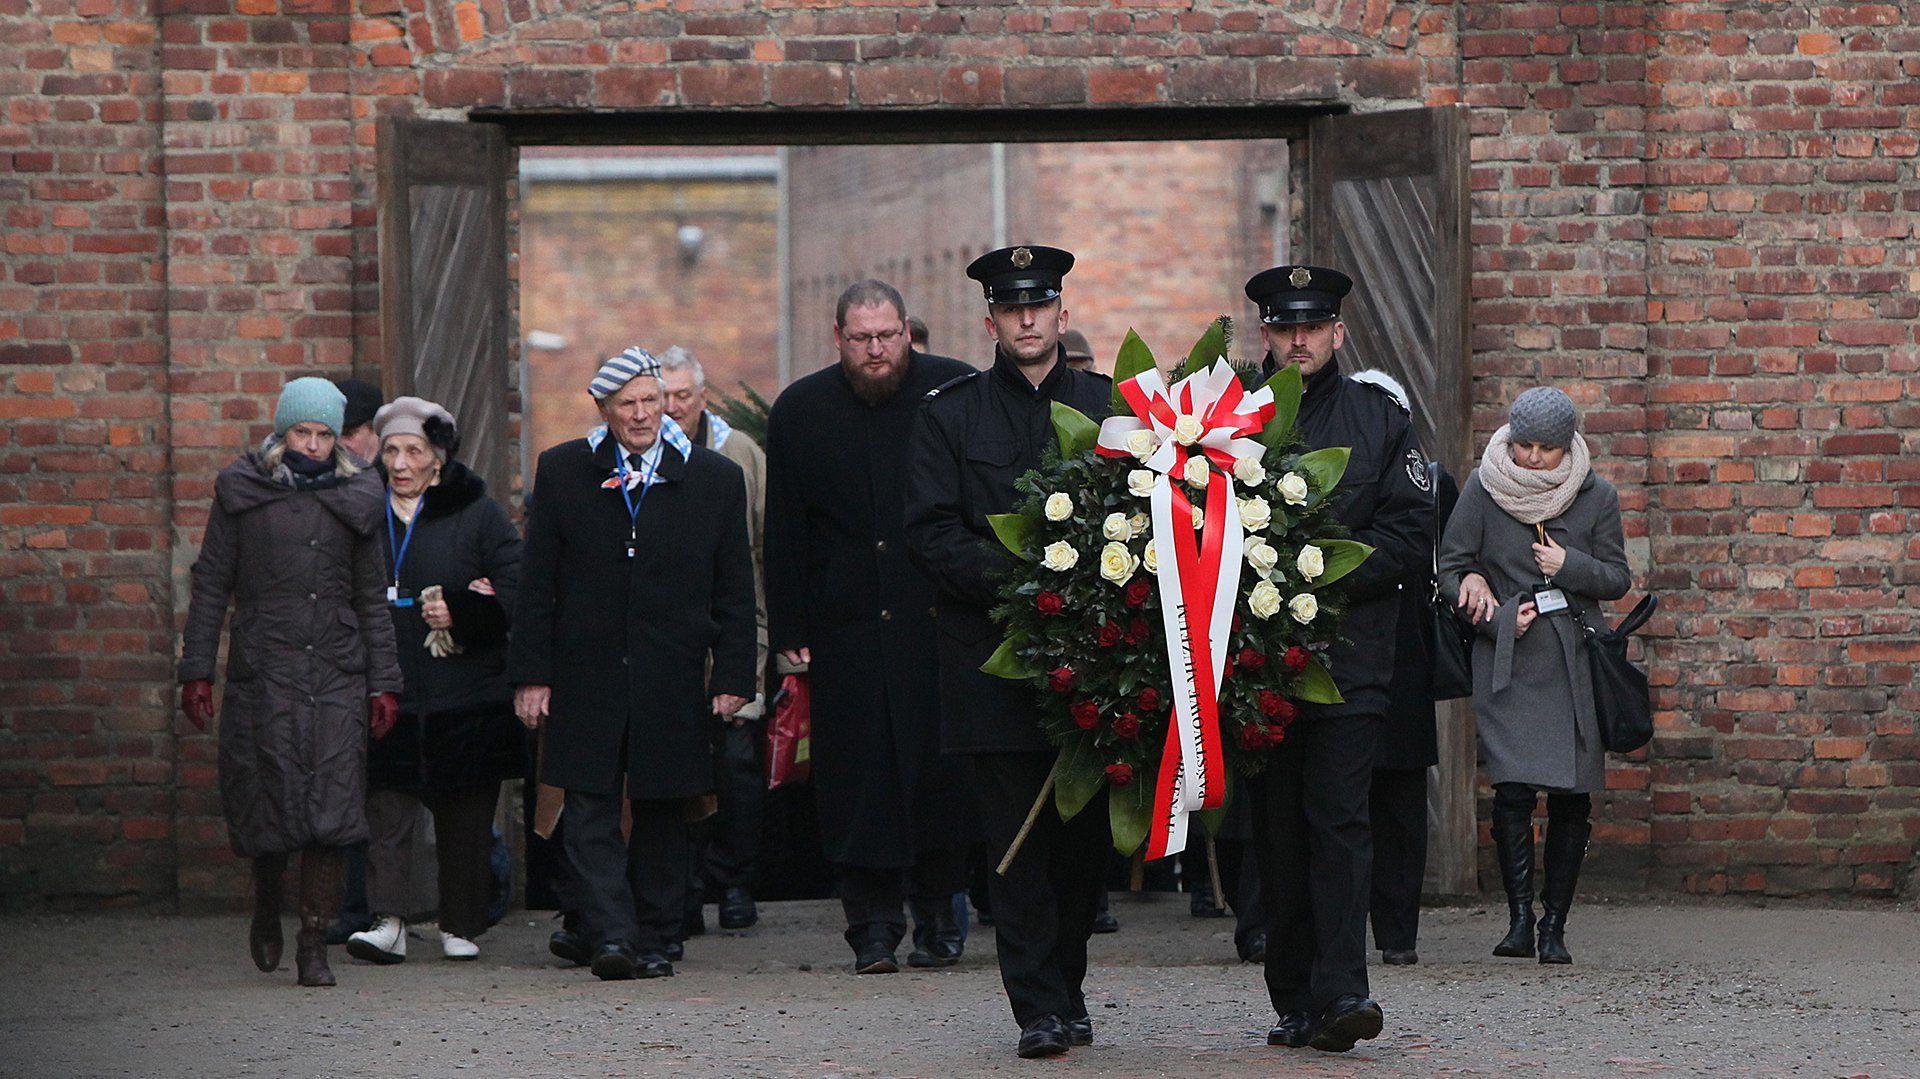 Soldados depositan una ofrenda floral en el antiguo campo de exterminio nazi de Auschwitz en Oswiecim, Polonia